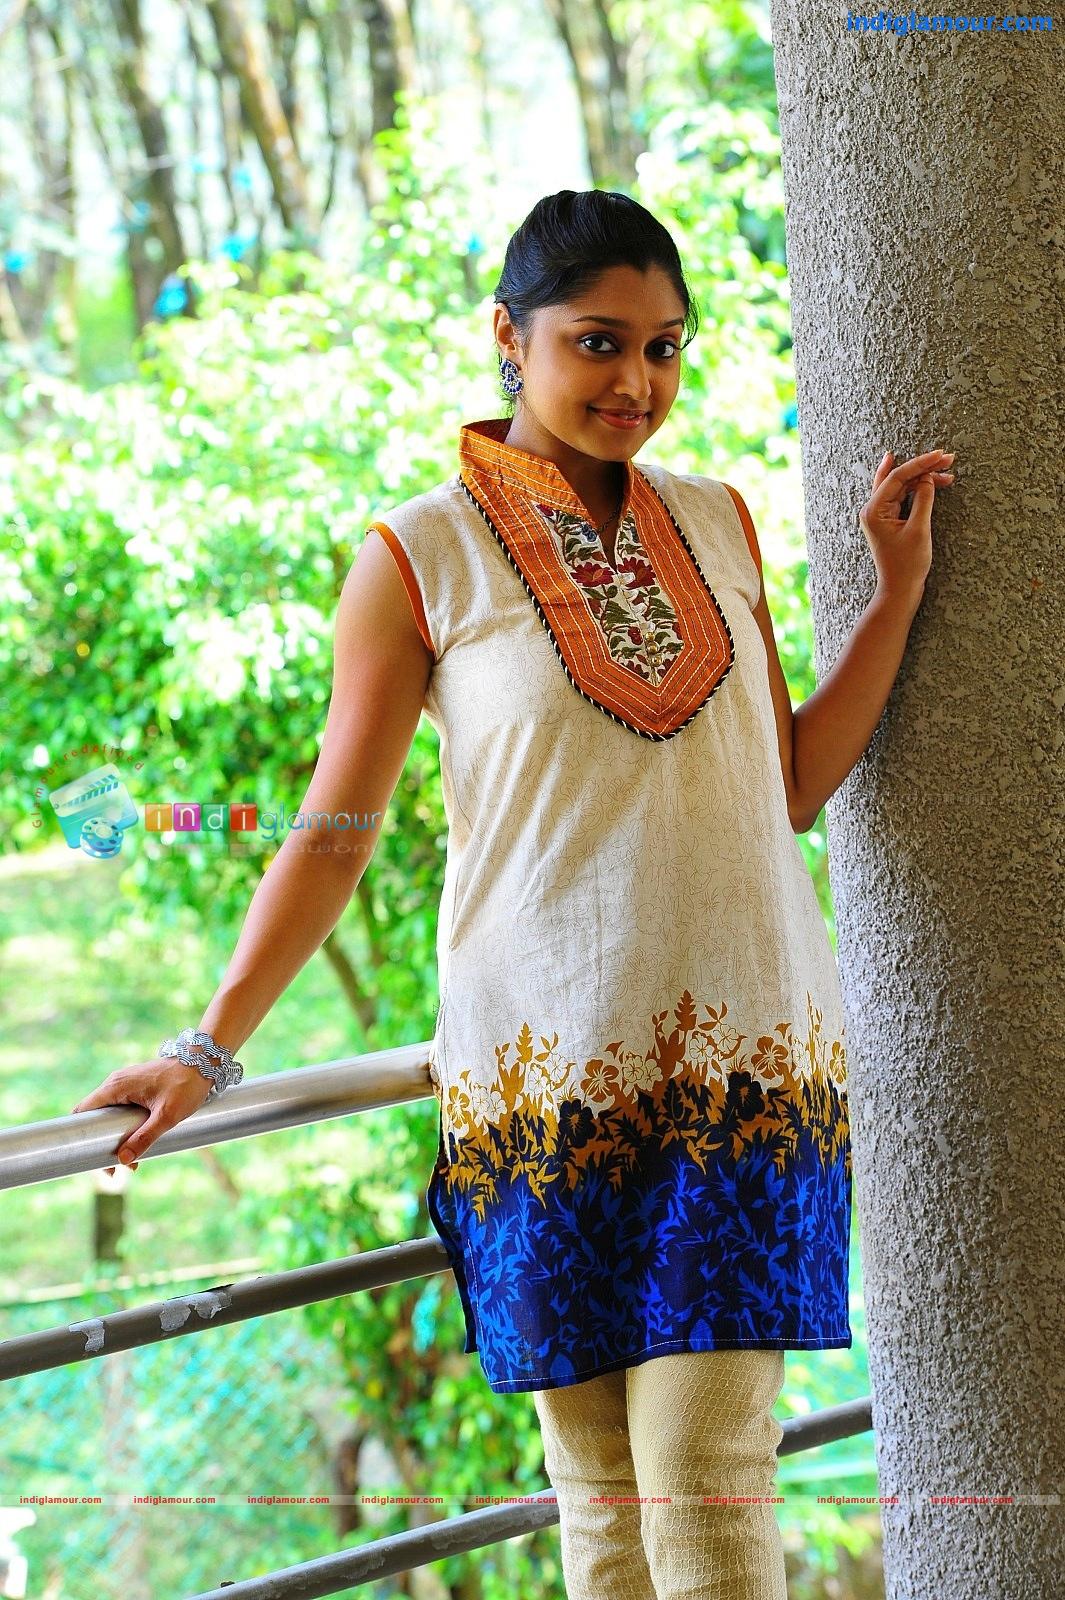 Mallu actress Shija rose hot show in saree and churidar ...